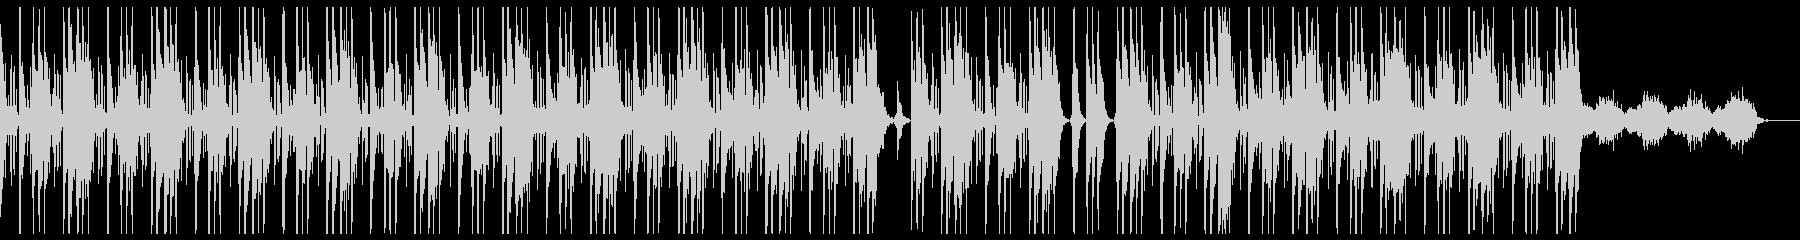 ダーク 洋楽 トラップビート クールの未再生の波形